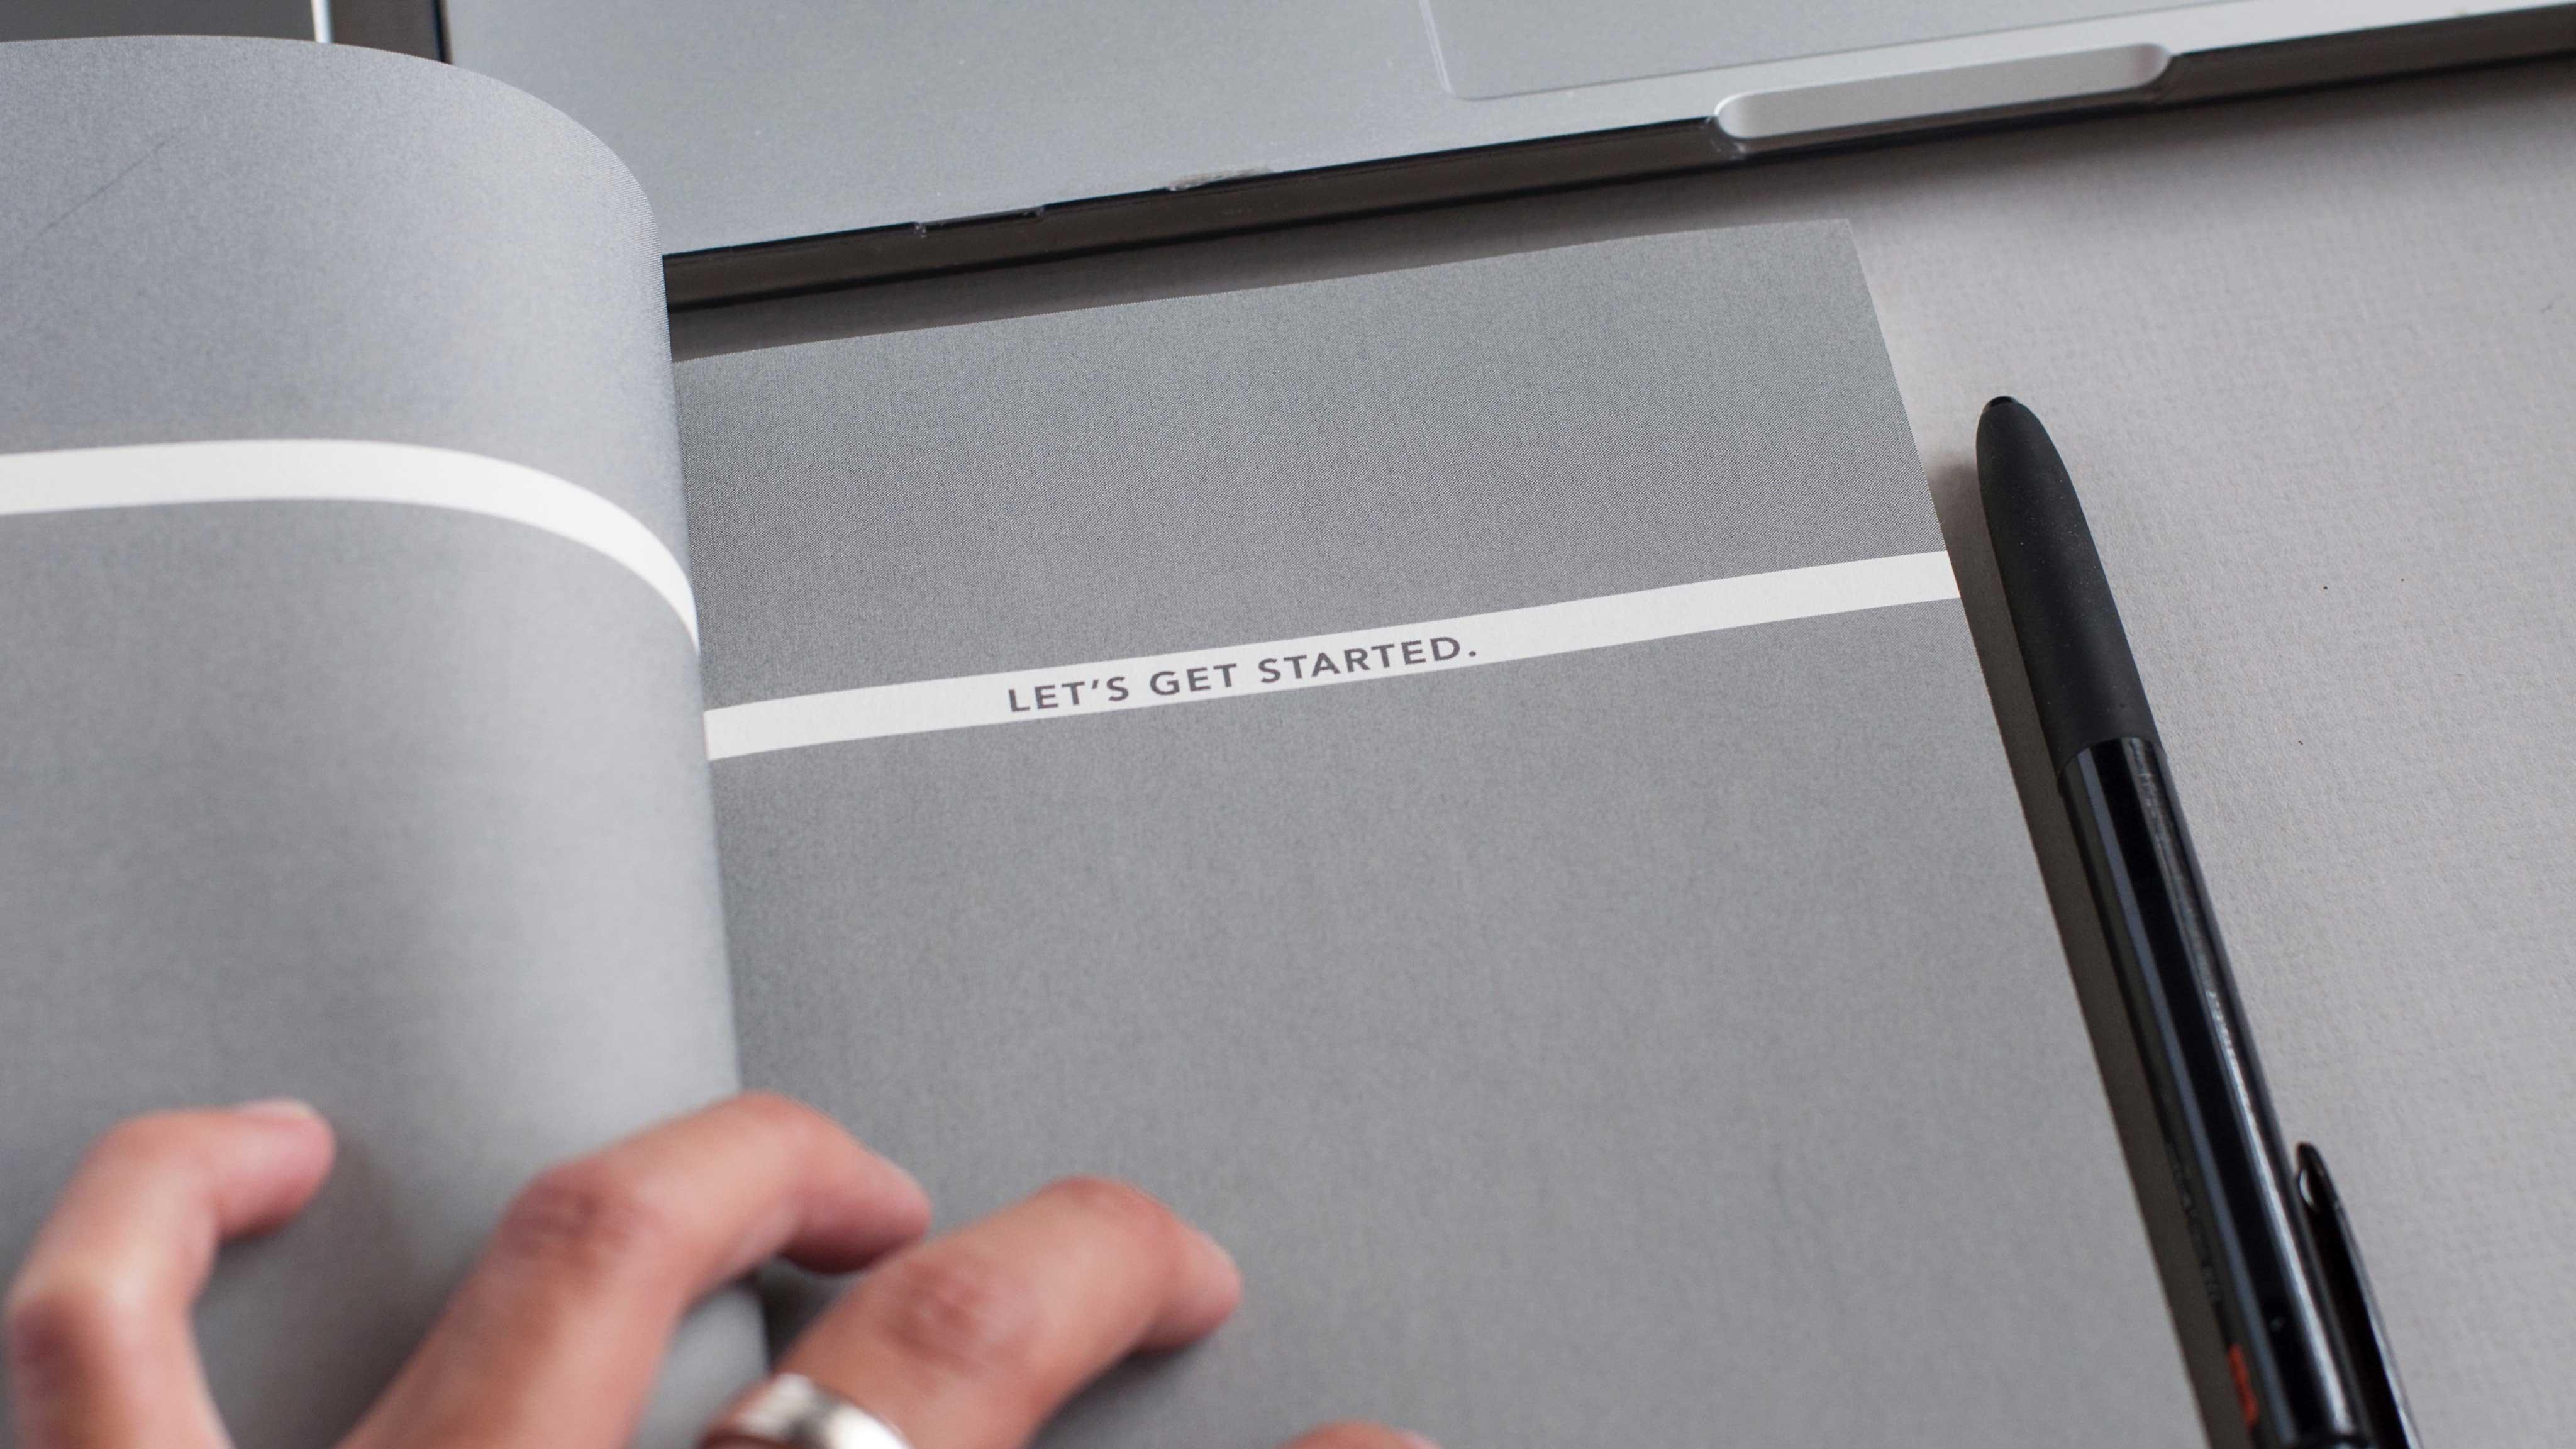 """Cadernete cinza aberta, na página pode-se ler a frase """"Let's get started""""."""